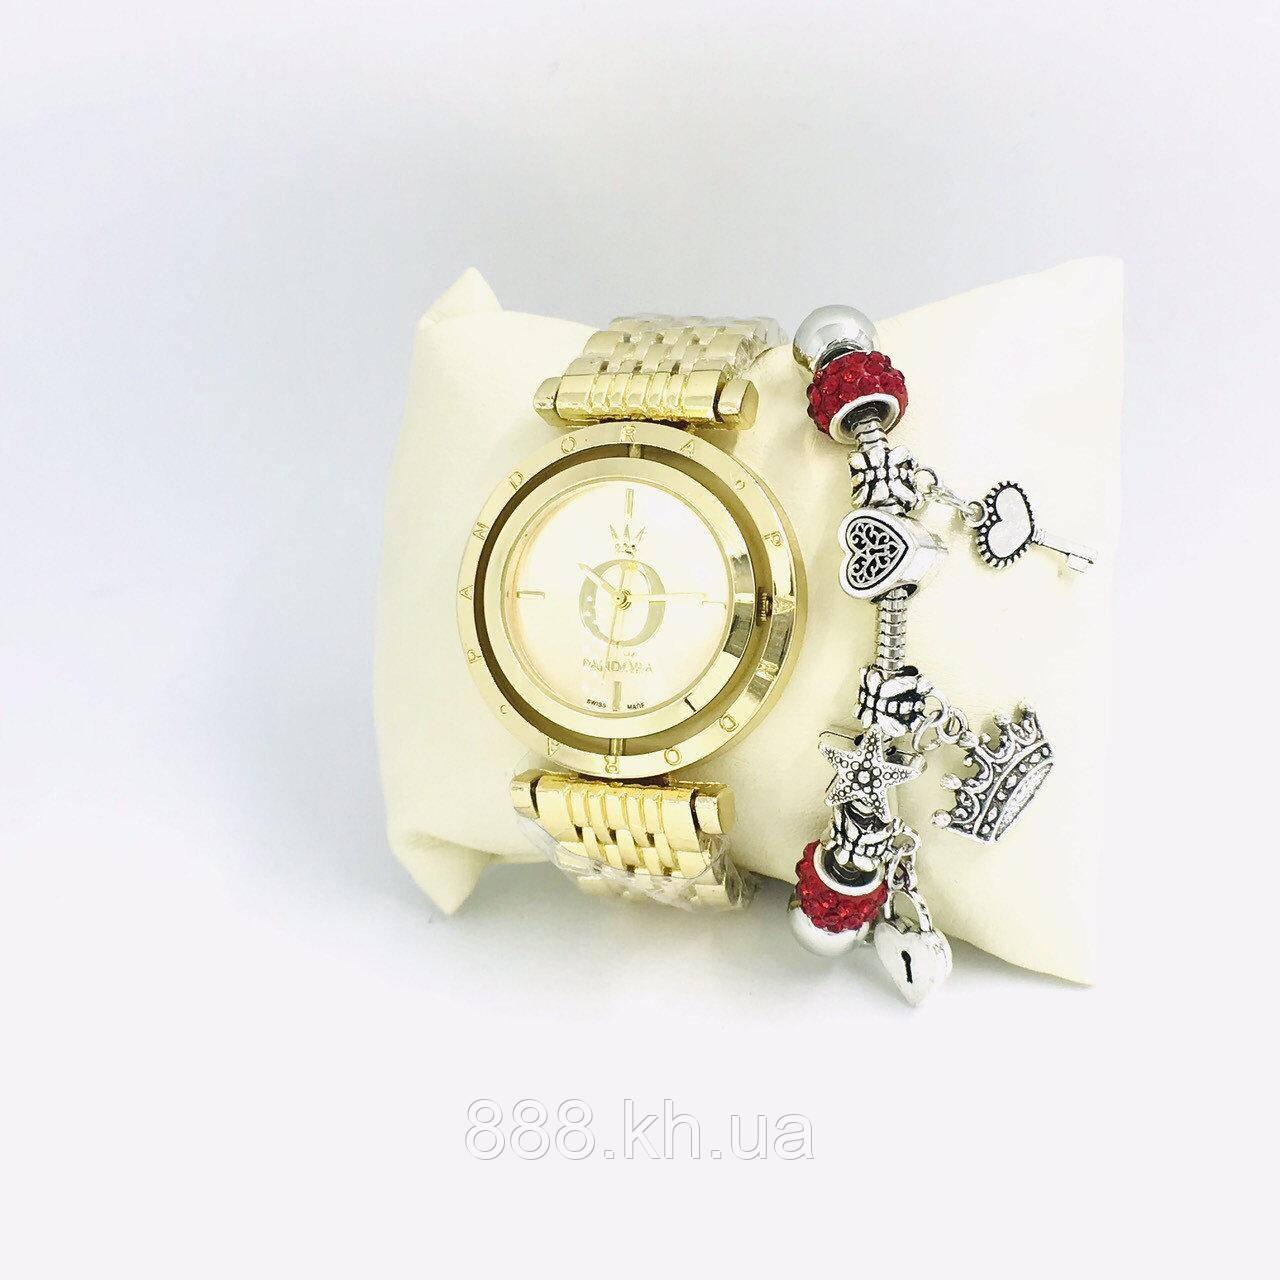 Часы женские Pandora в коробочке (браслет в подарок) (золото/белый)